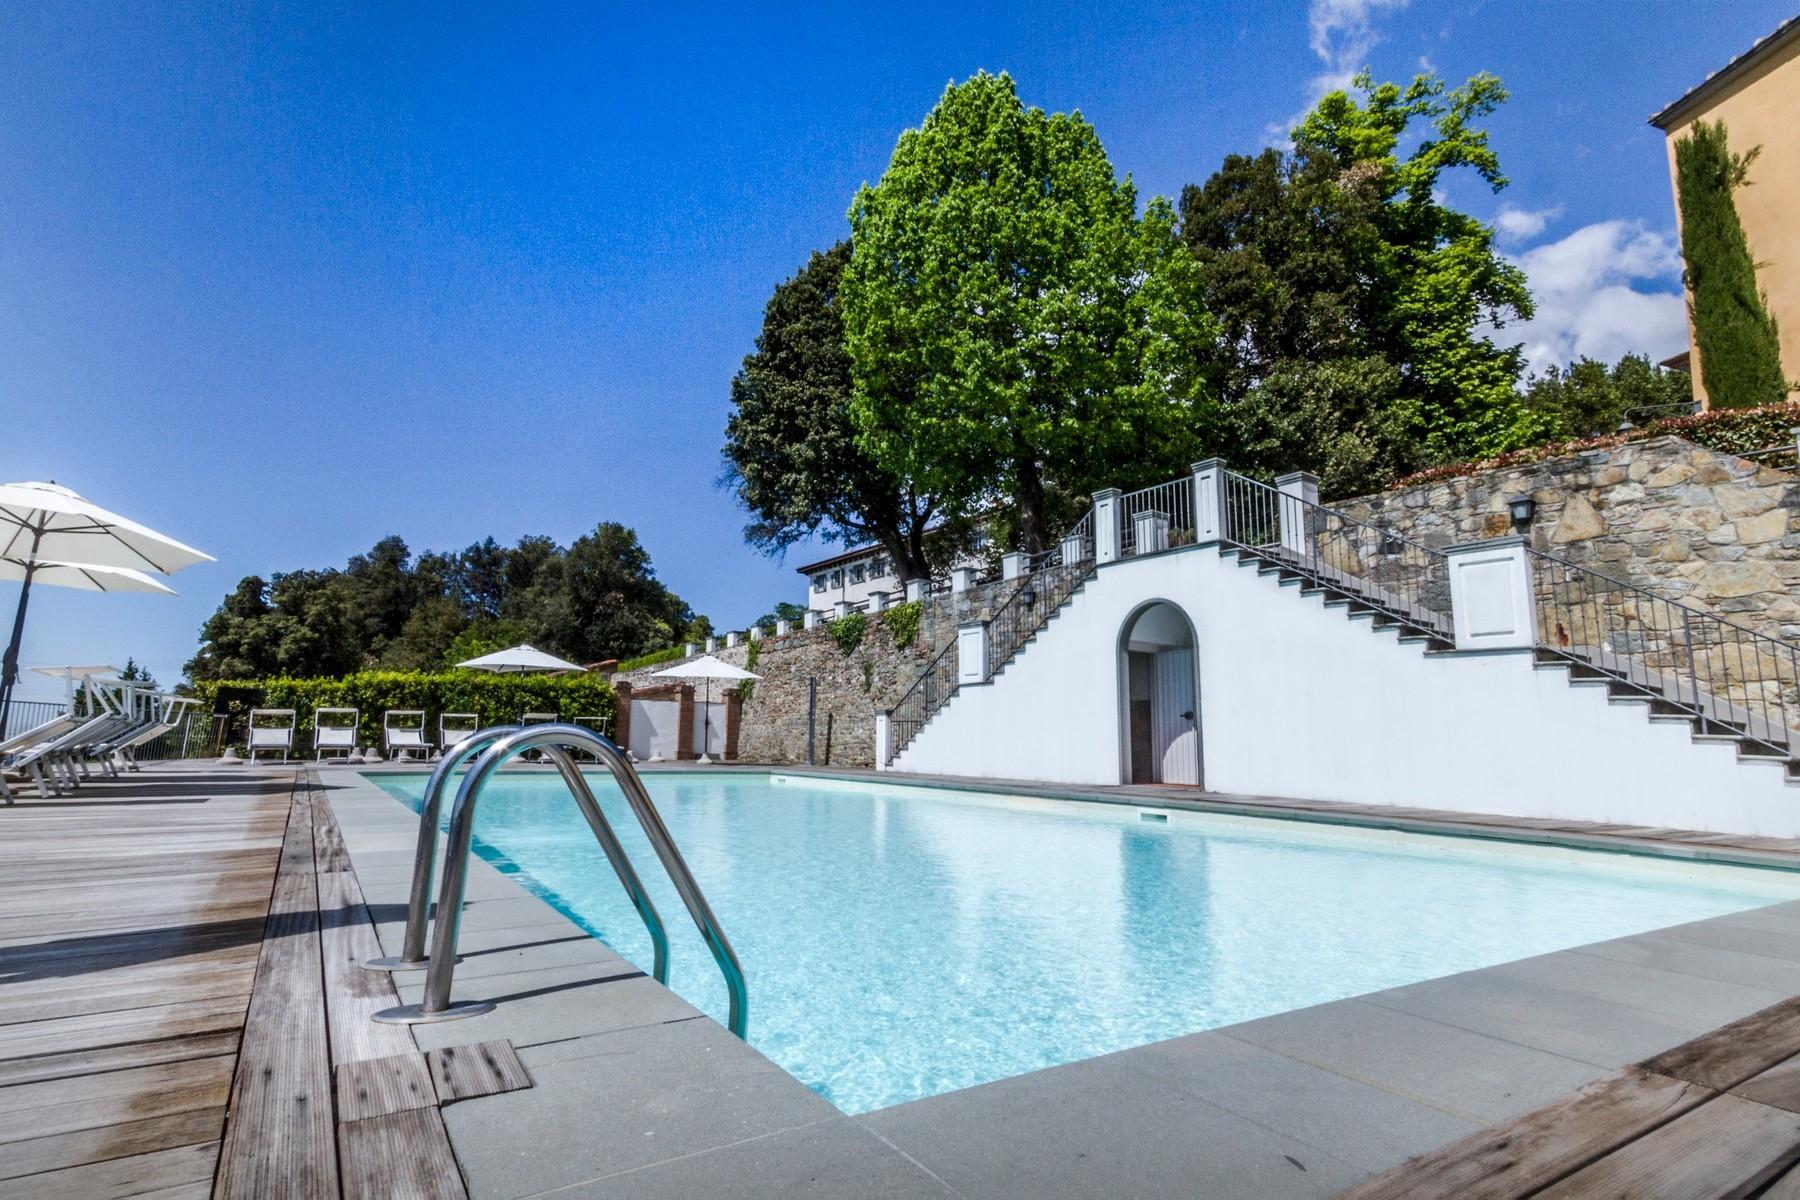 Appartamento di pregio in resort esclusivo con villa storica sulle colline di Lucca - 10